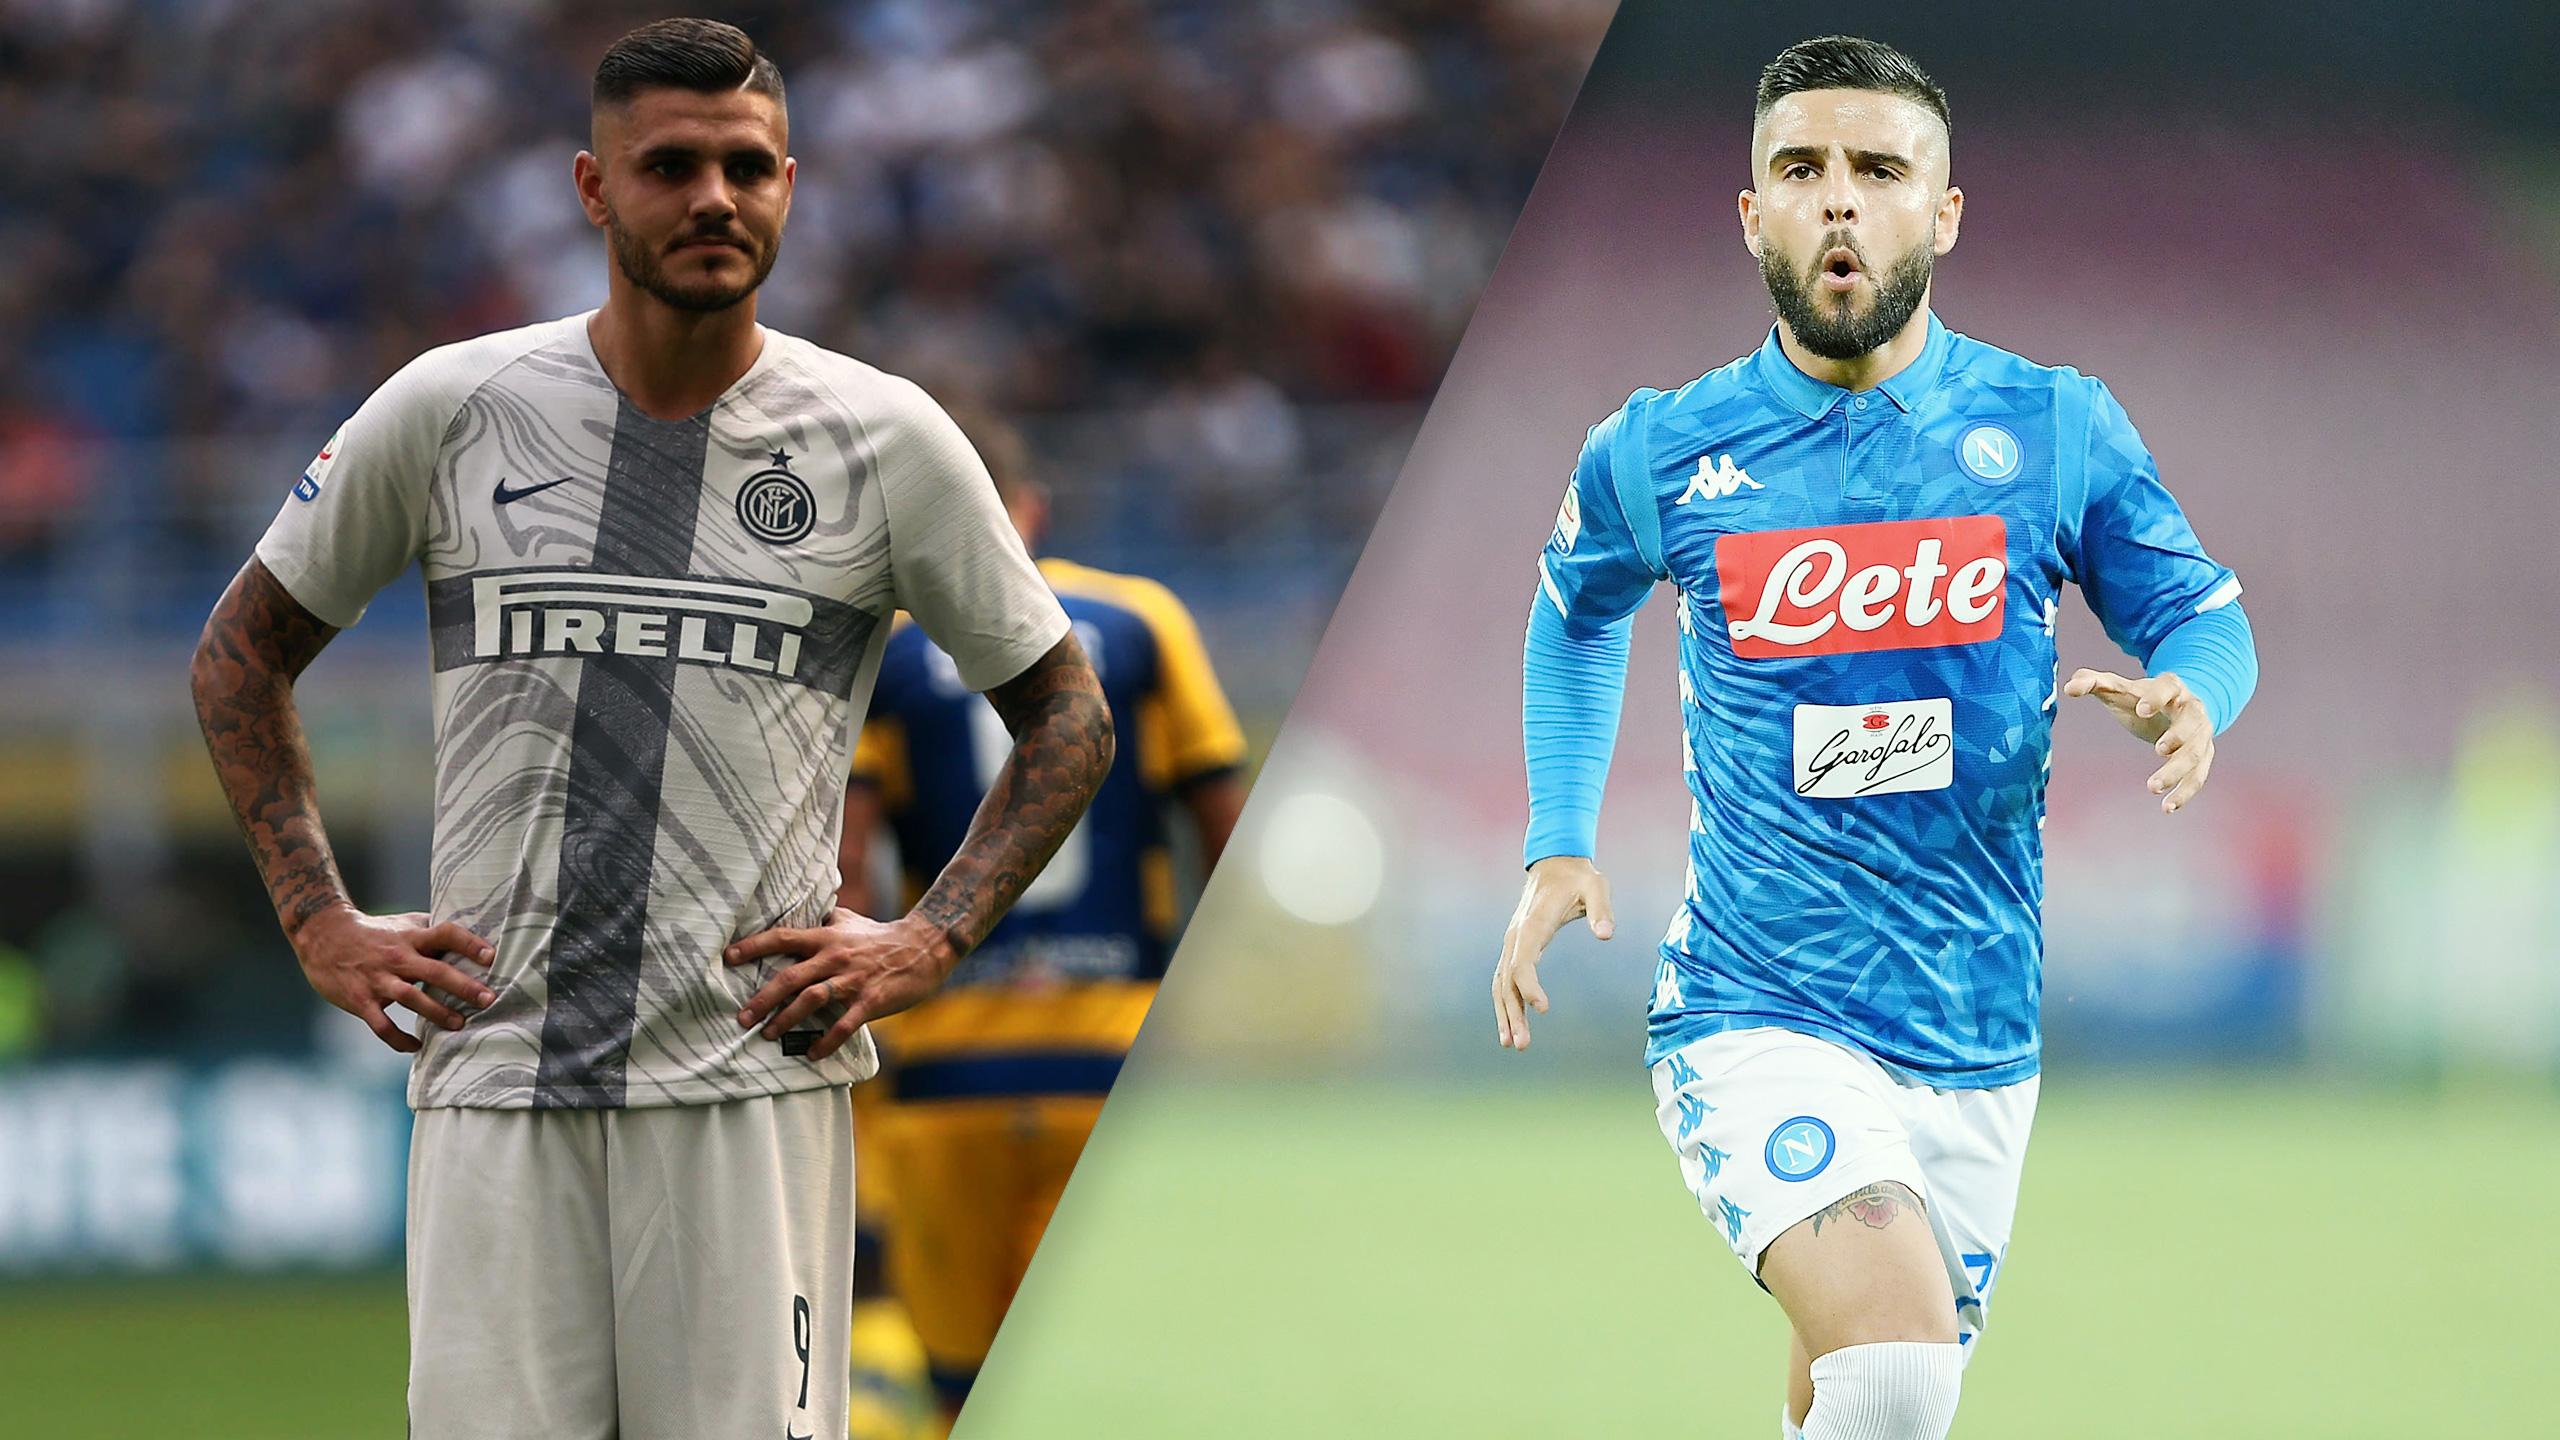 Internazionale vs. Napoli